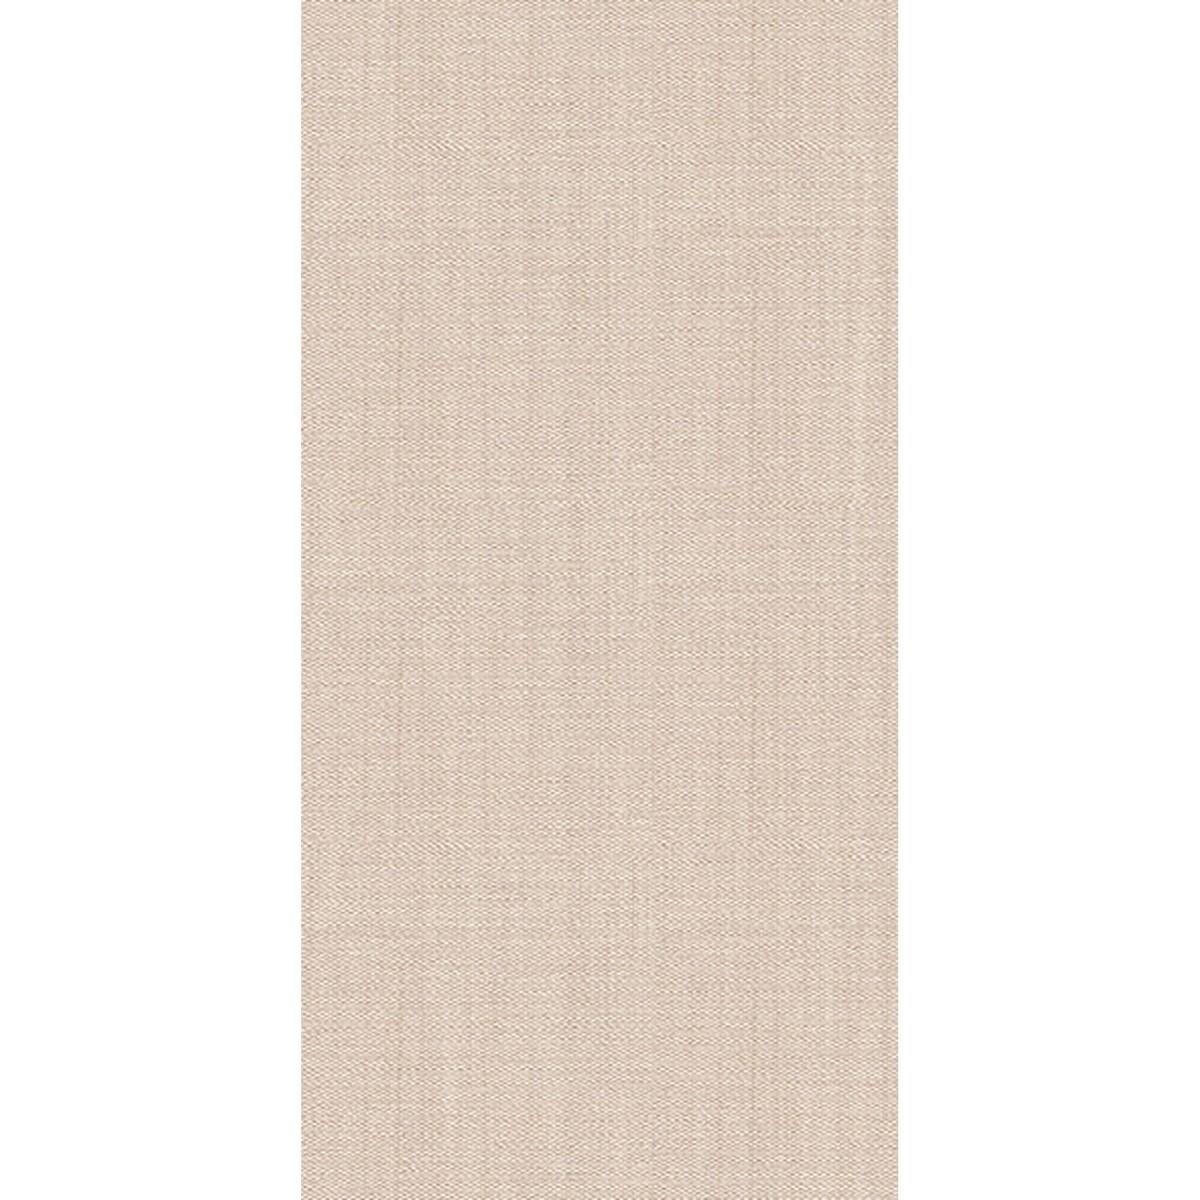 Плитка наcтенная Asteria 24.9х50 см 1.494 м2 цвет коричневый